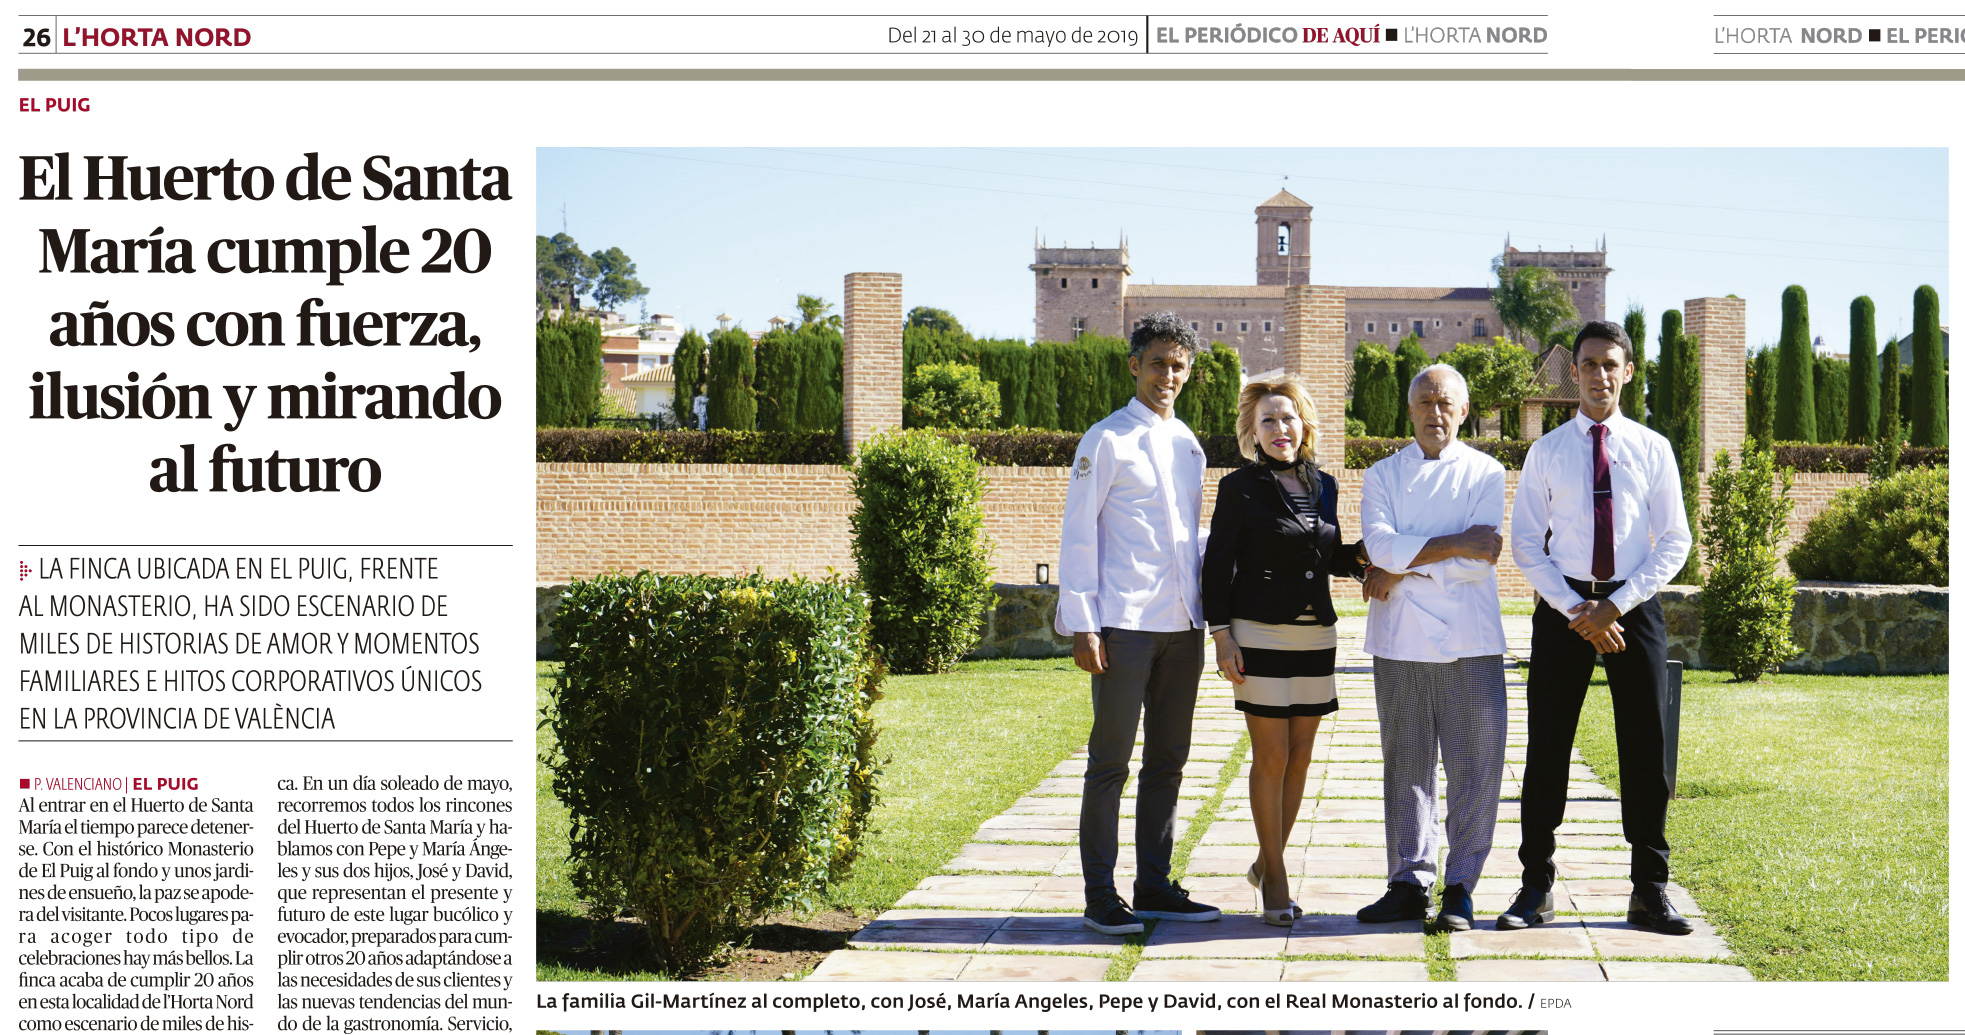 El Huerto de Santa María, Eventos en Valencia, Eventos de Empresa